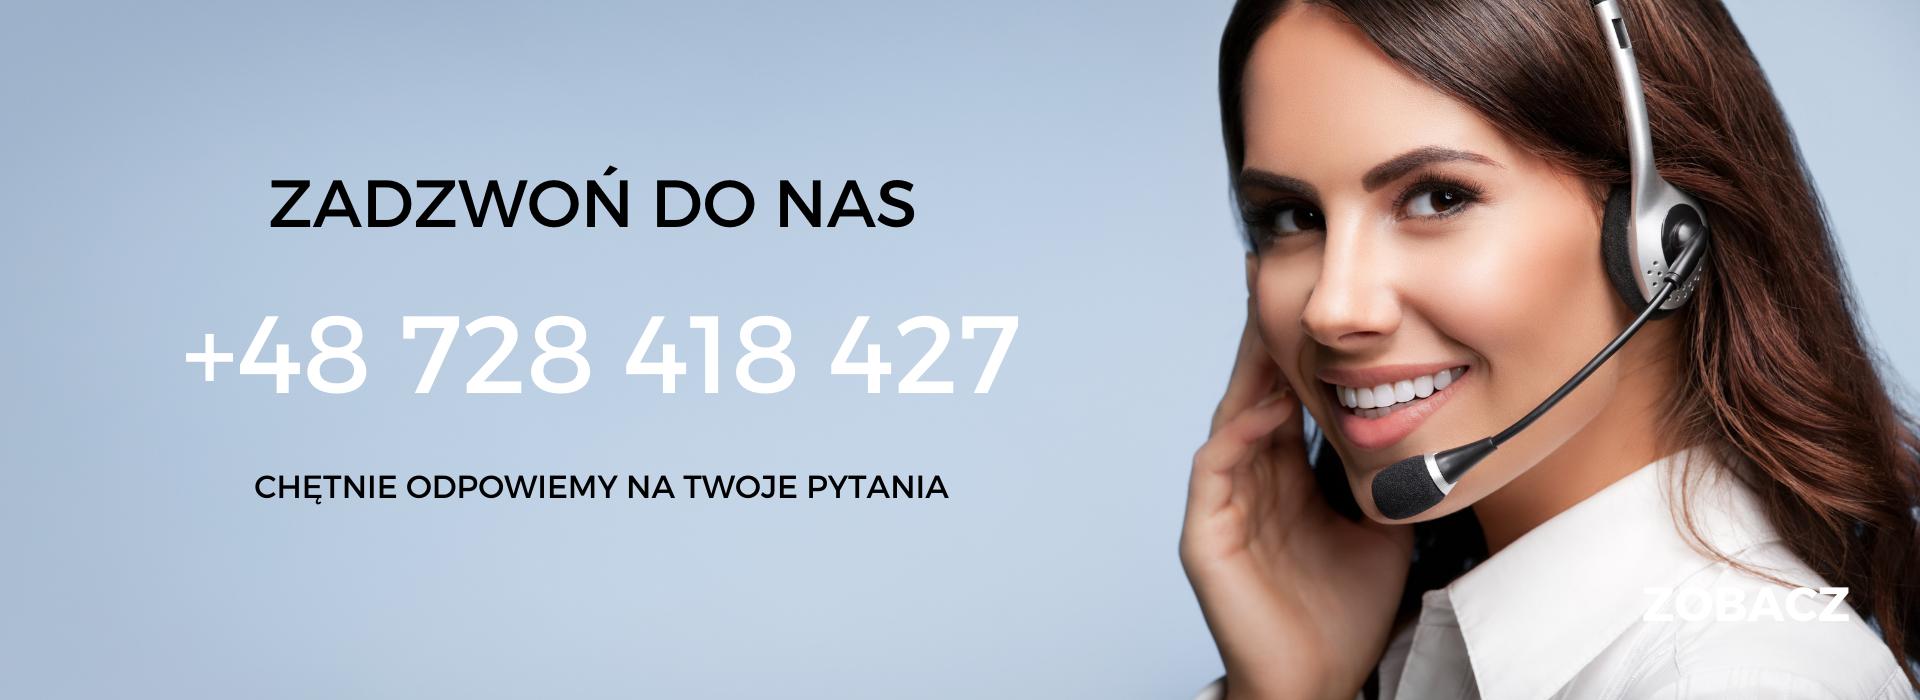 Zadzwoń do nas! Chętnie odpowiemy na Twoje pytania.